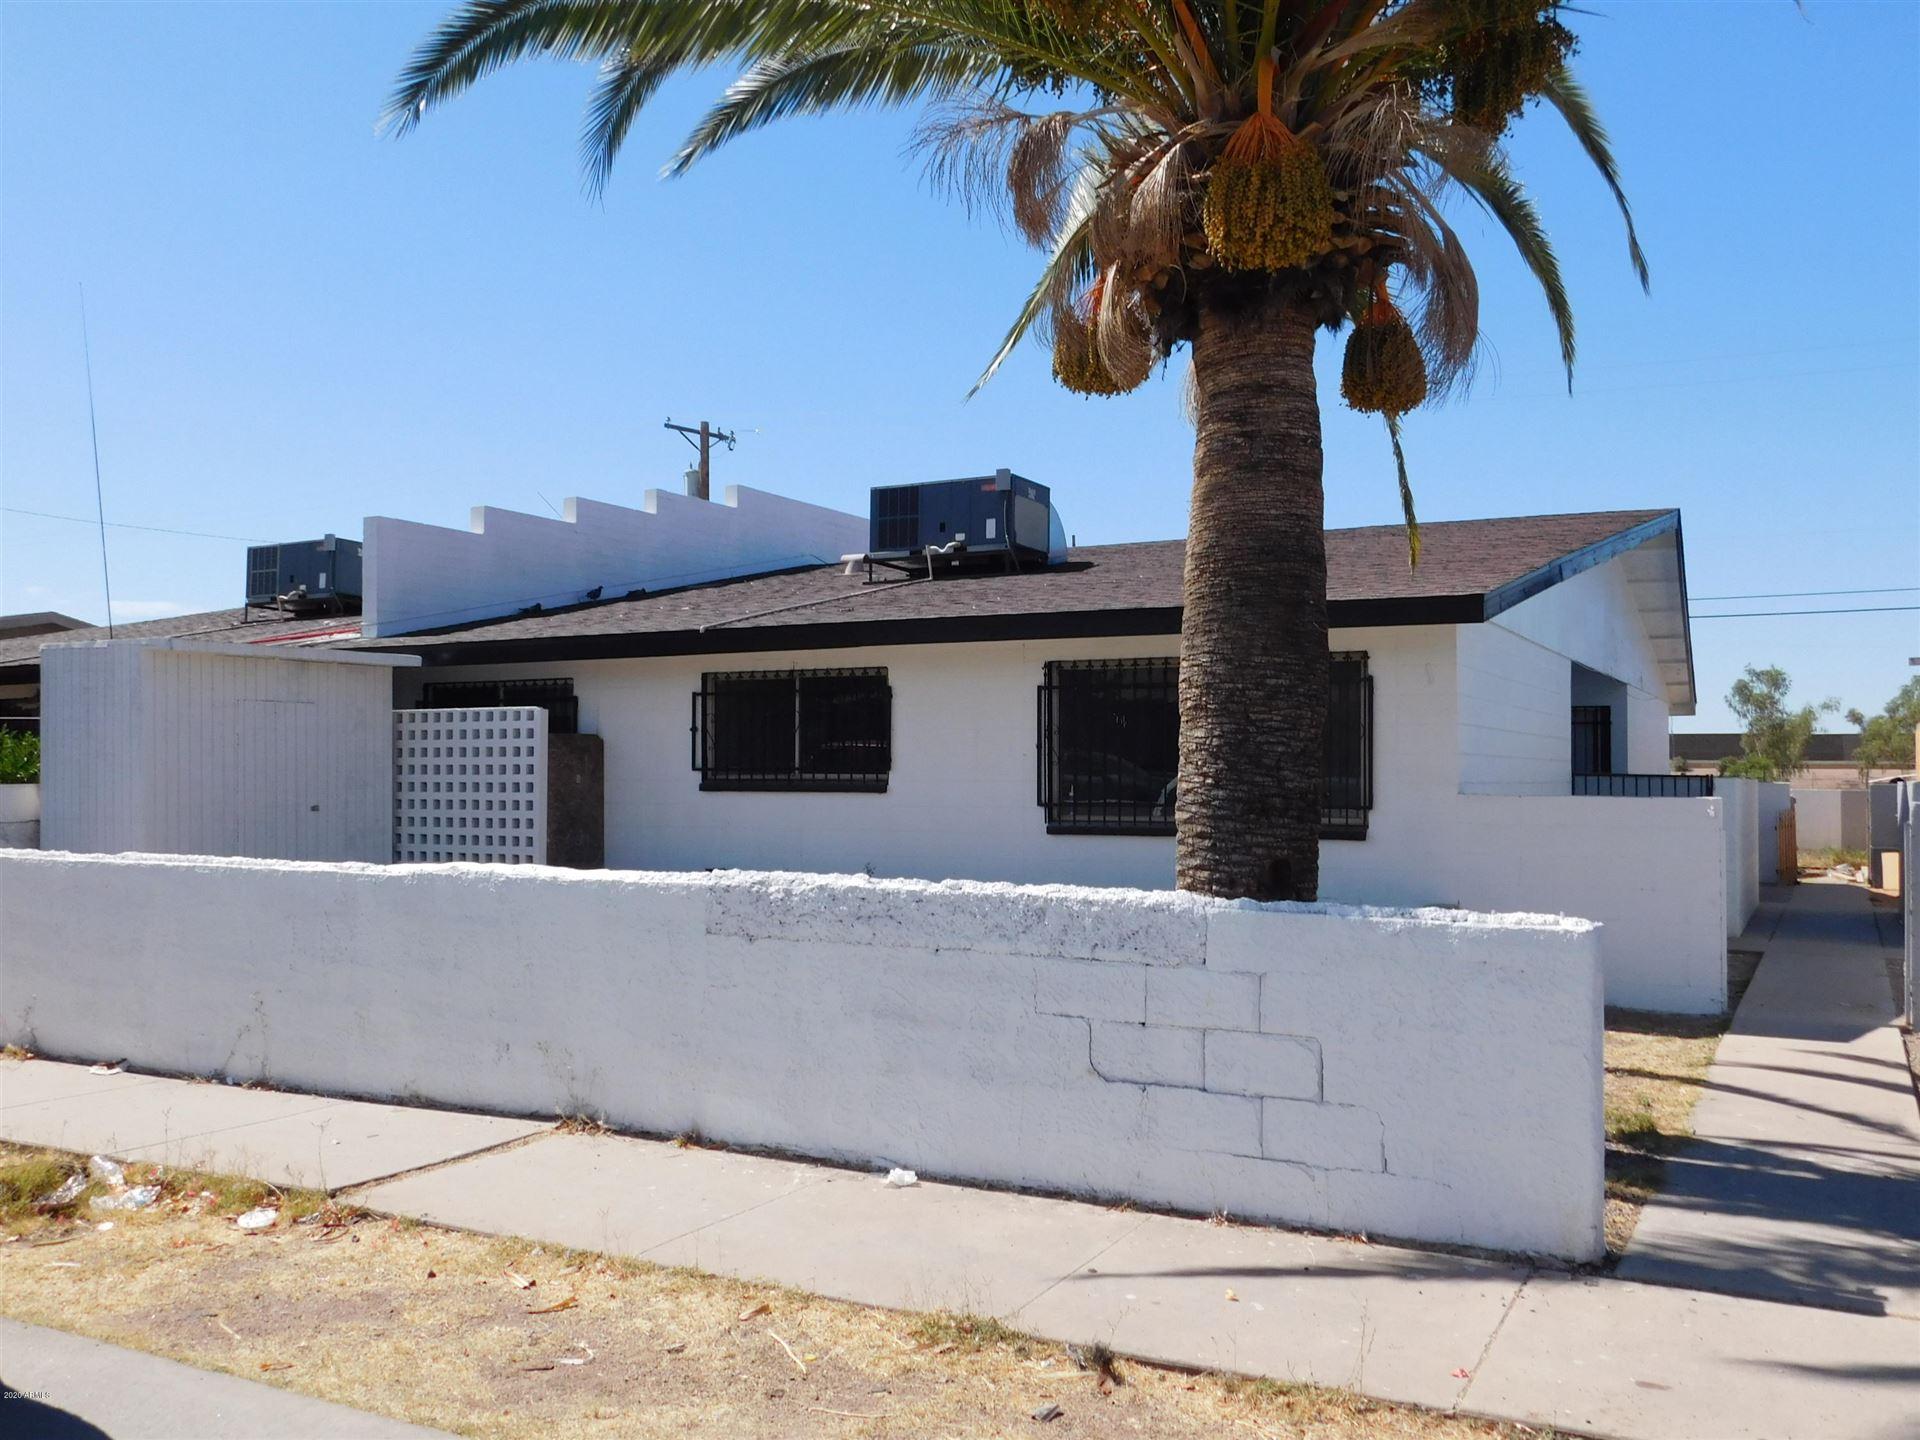 4121 E MORELAND Street, Phoenix, AZ 85008 - MLS#: 6095272